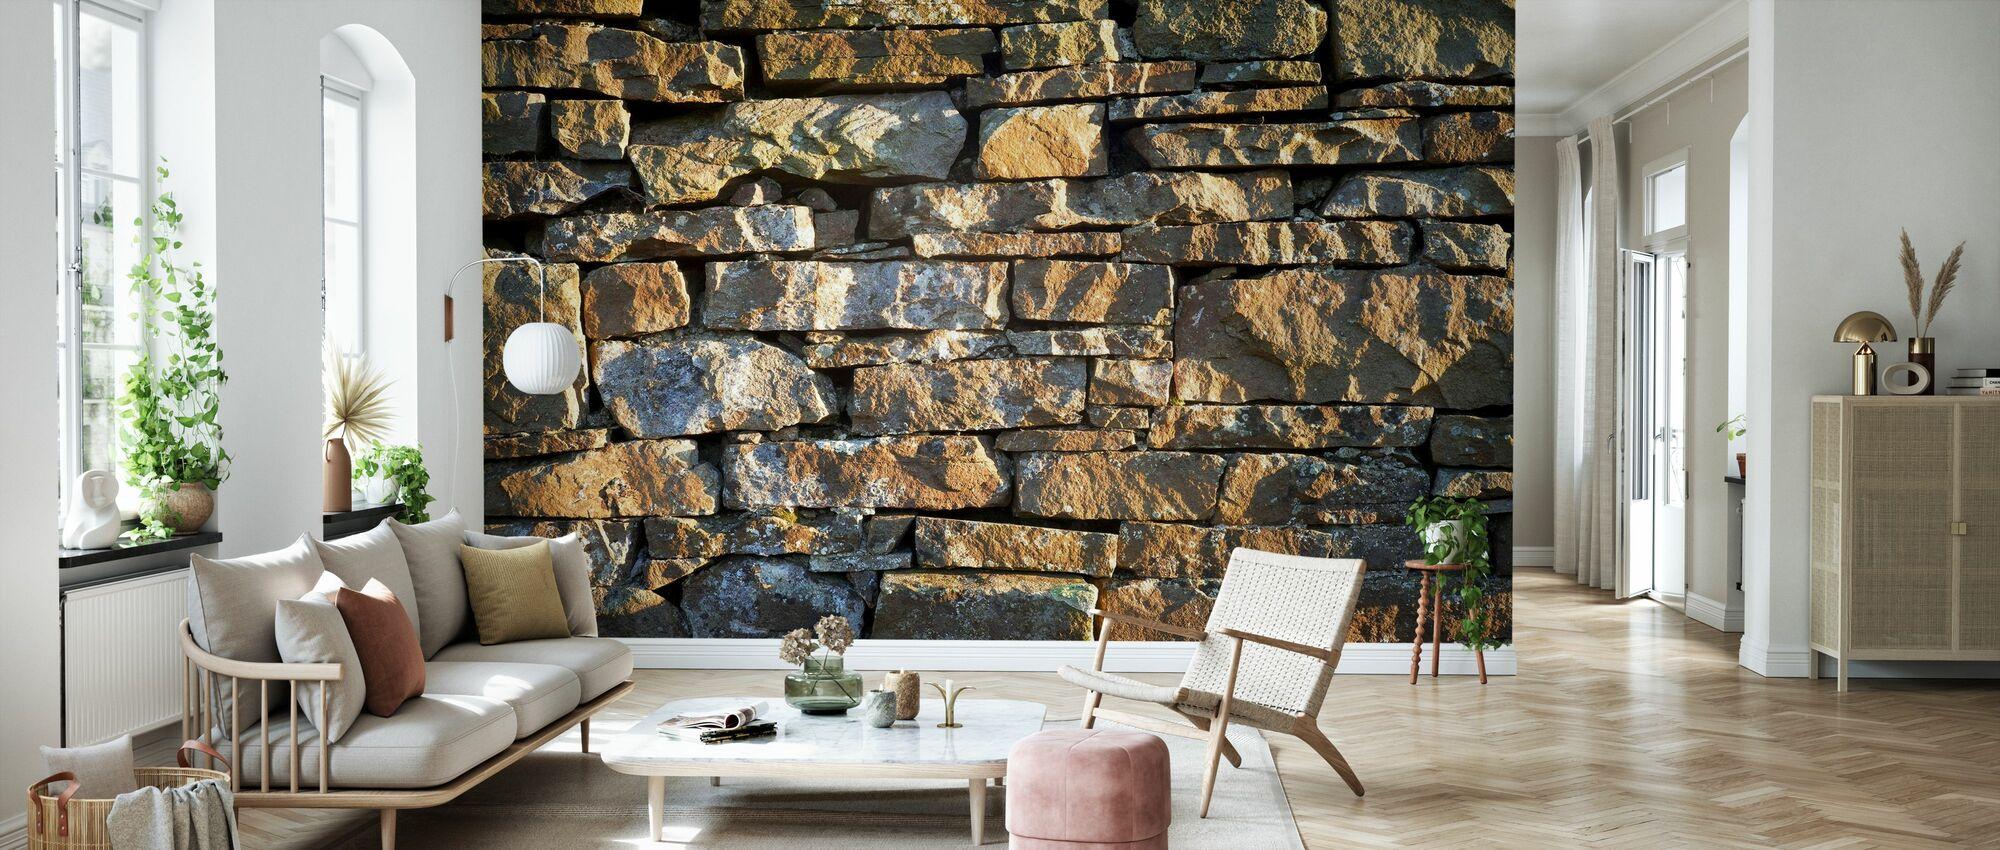 Håndlaget steinmur - Tapet - Stue